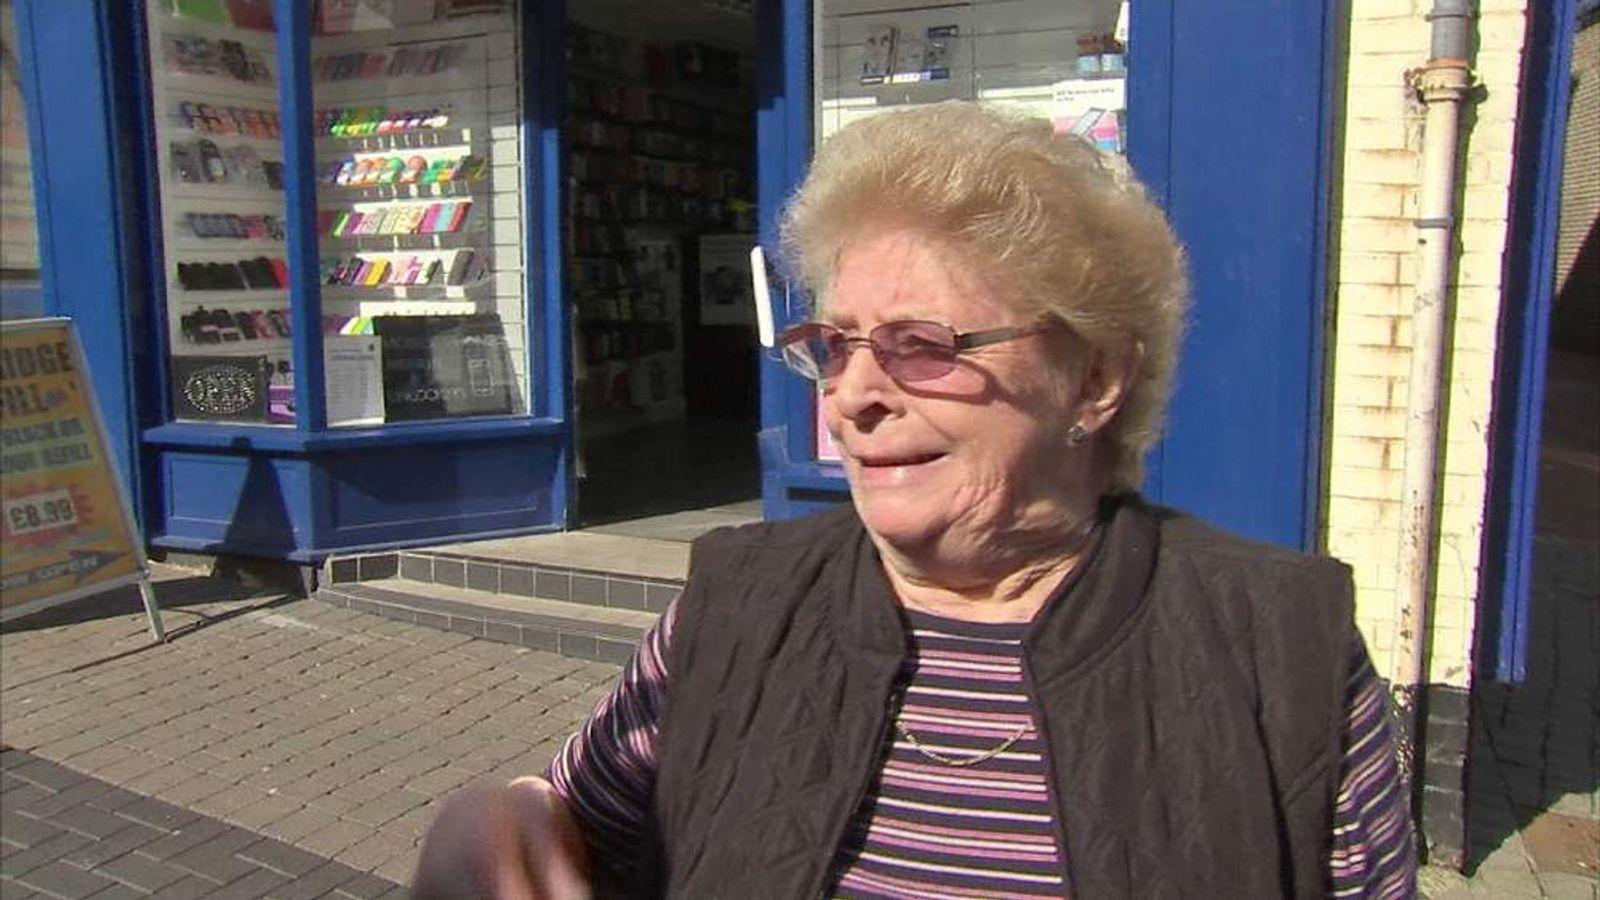 A resident of Basingstoke